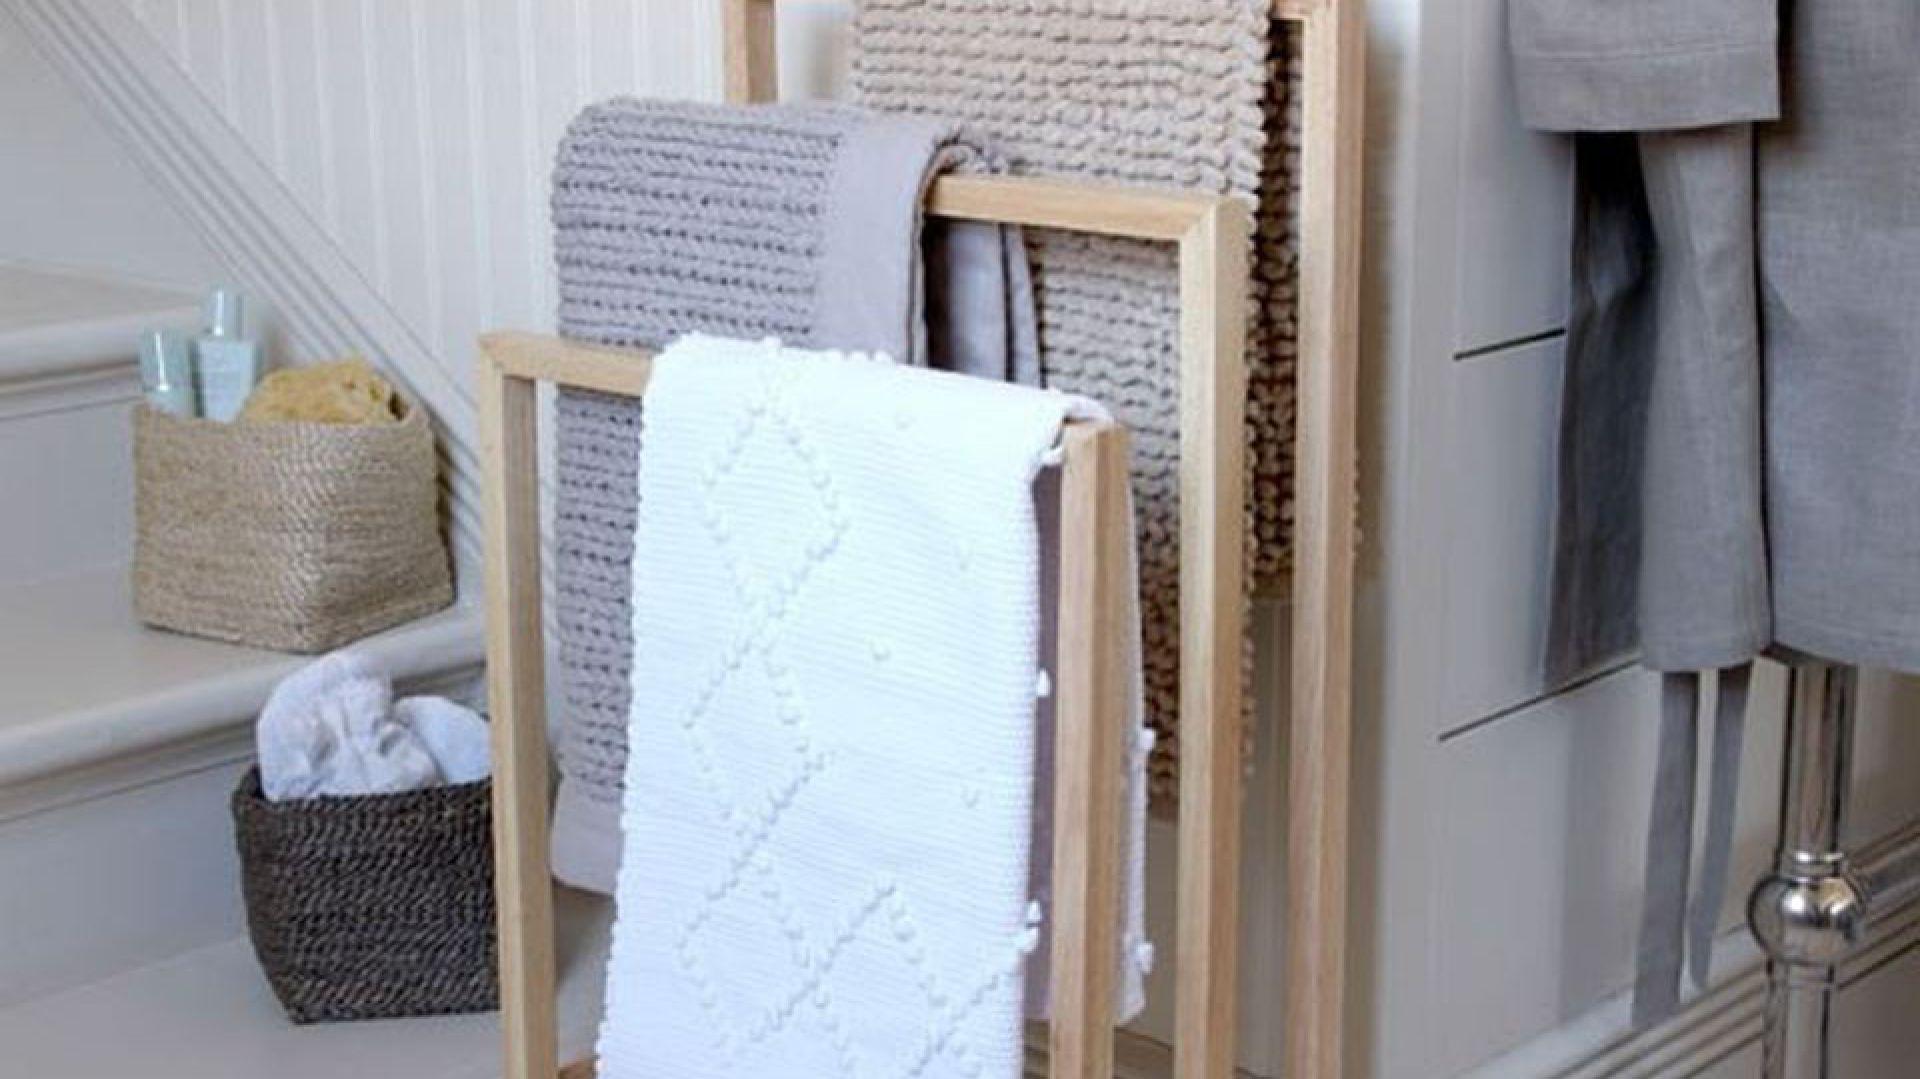 Ręcznik W łazience 16 Sposobów Na Przechowywanie